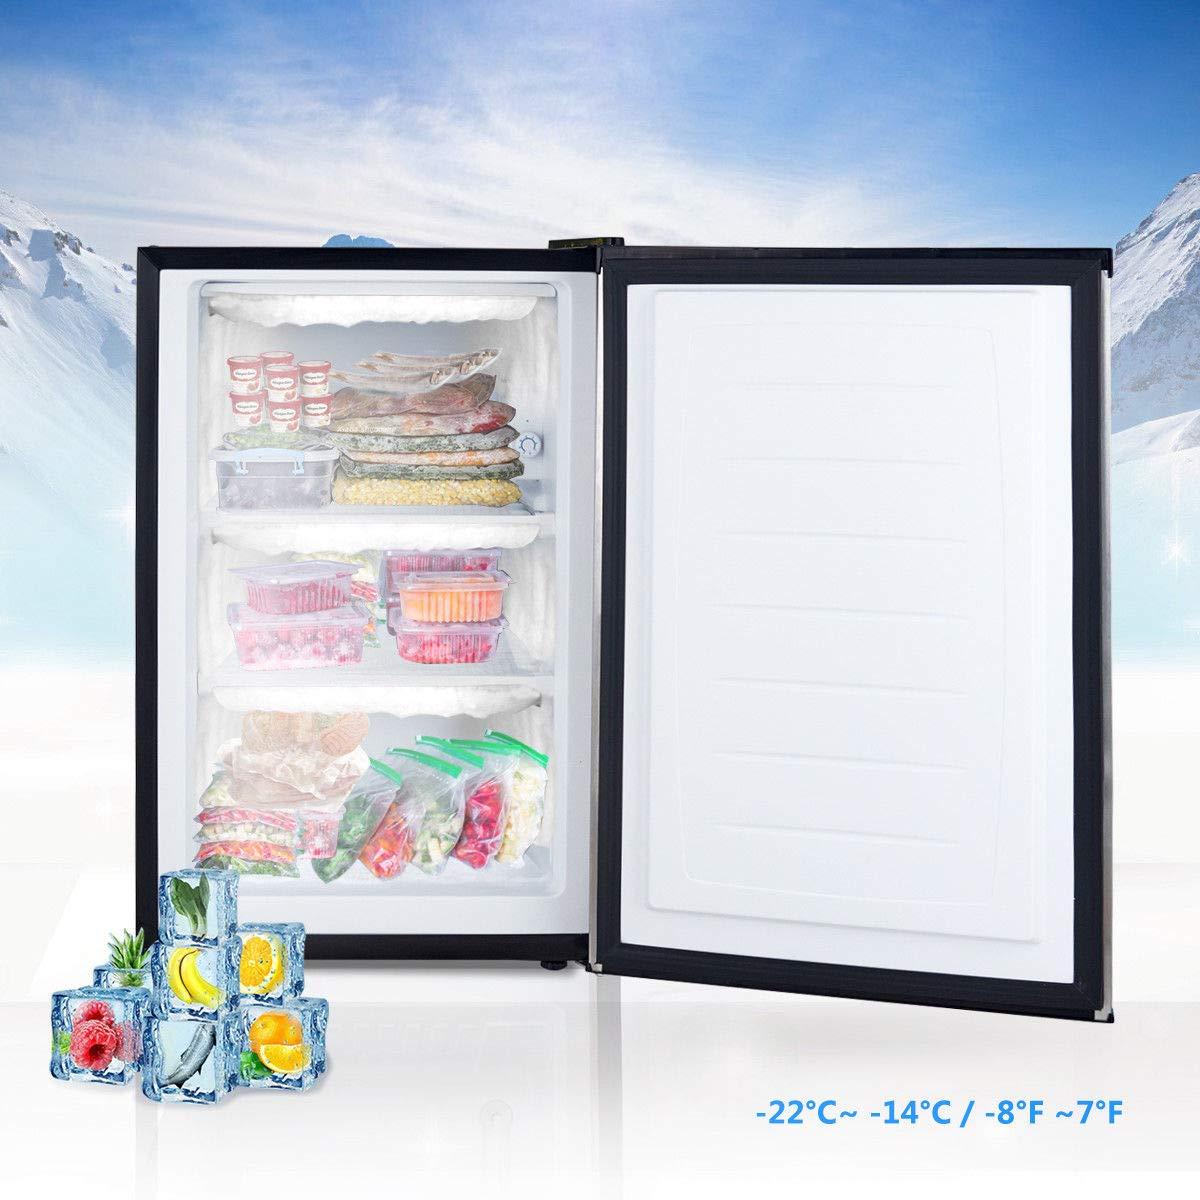 COSTWAY Compact Single Door Upright Freezer - Mini Size with Stainless Steel Door - 3.0 CU FT Capacity - Adjustable by COSTWAY (Image #5)